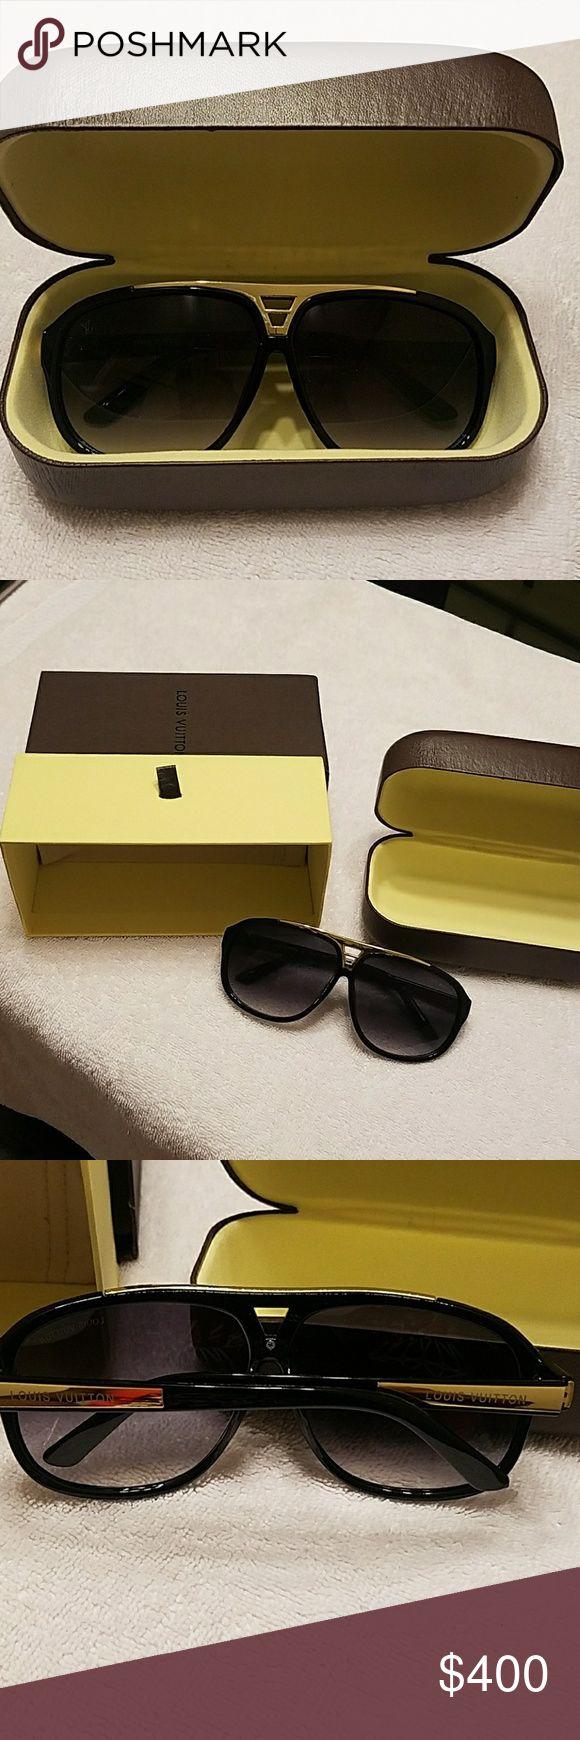 Louis Vuitton evidence millionaire sunglasses Worn once Louis Vuitton Accessories Glasses